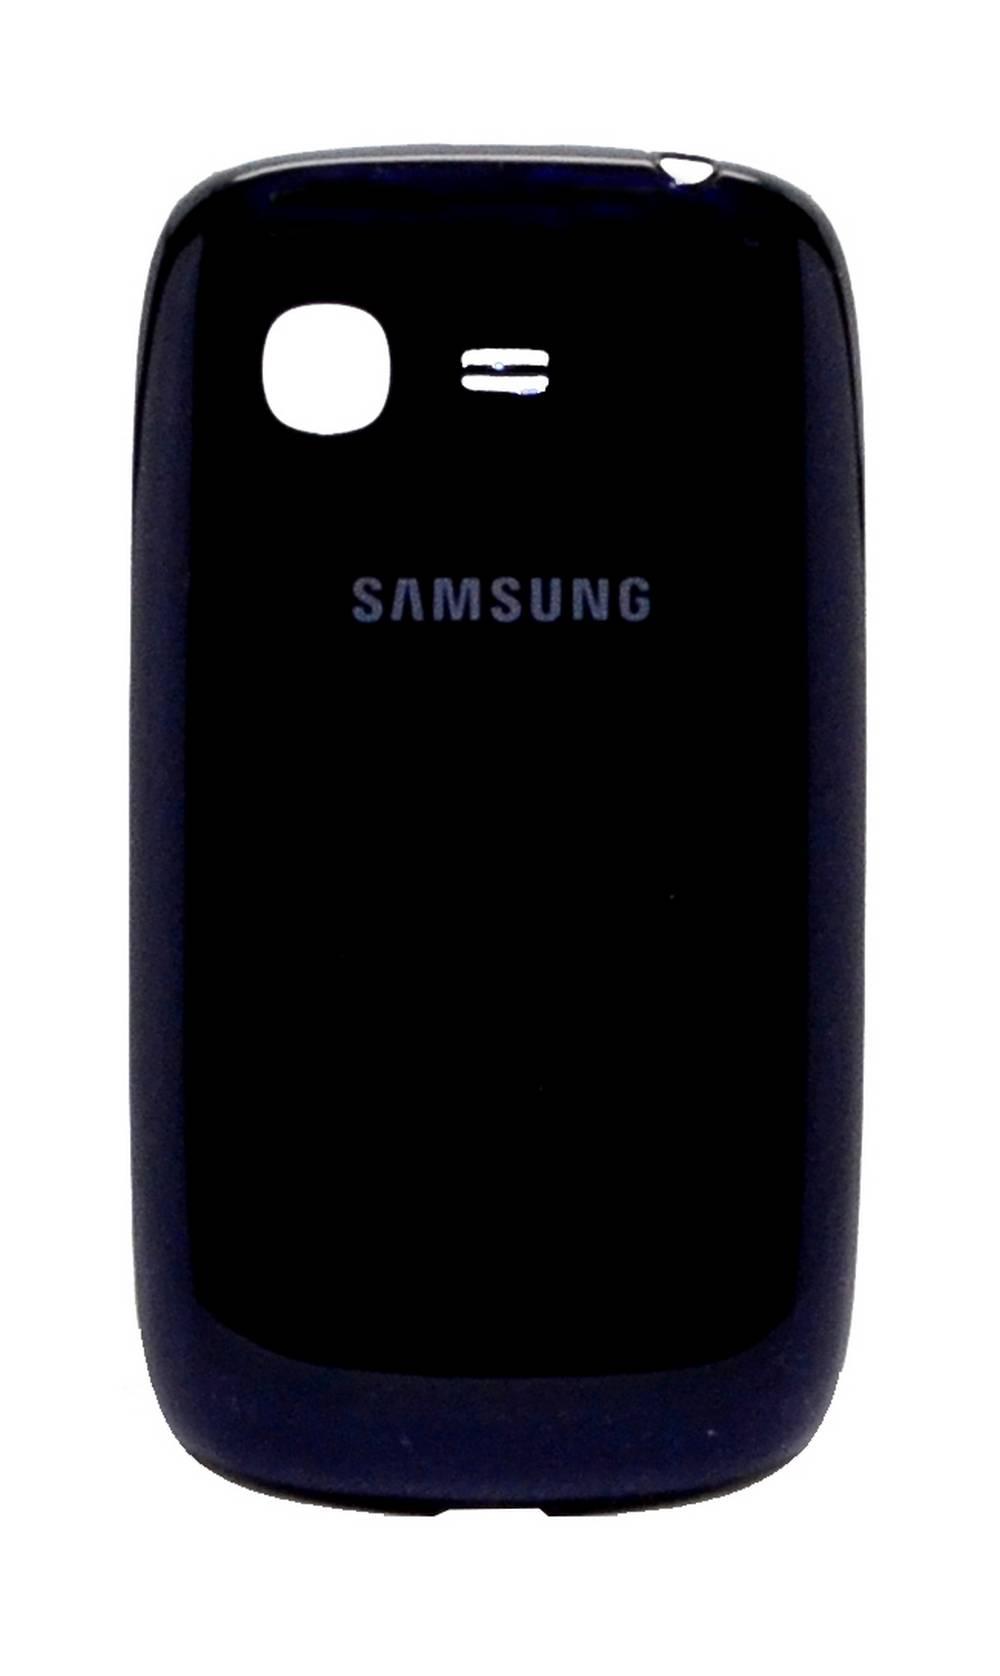 Καπάκι Μπαταρίας Samsung S5310 Galaxy Pocket Neo Μαύρο Original GH98-26582C